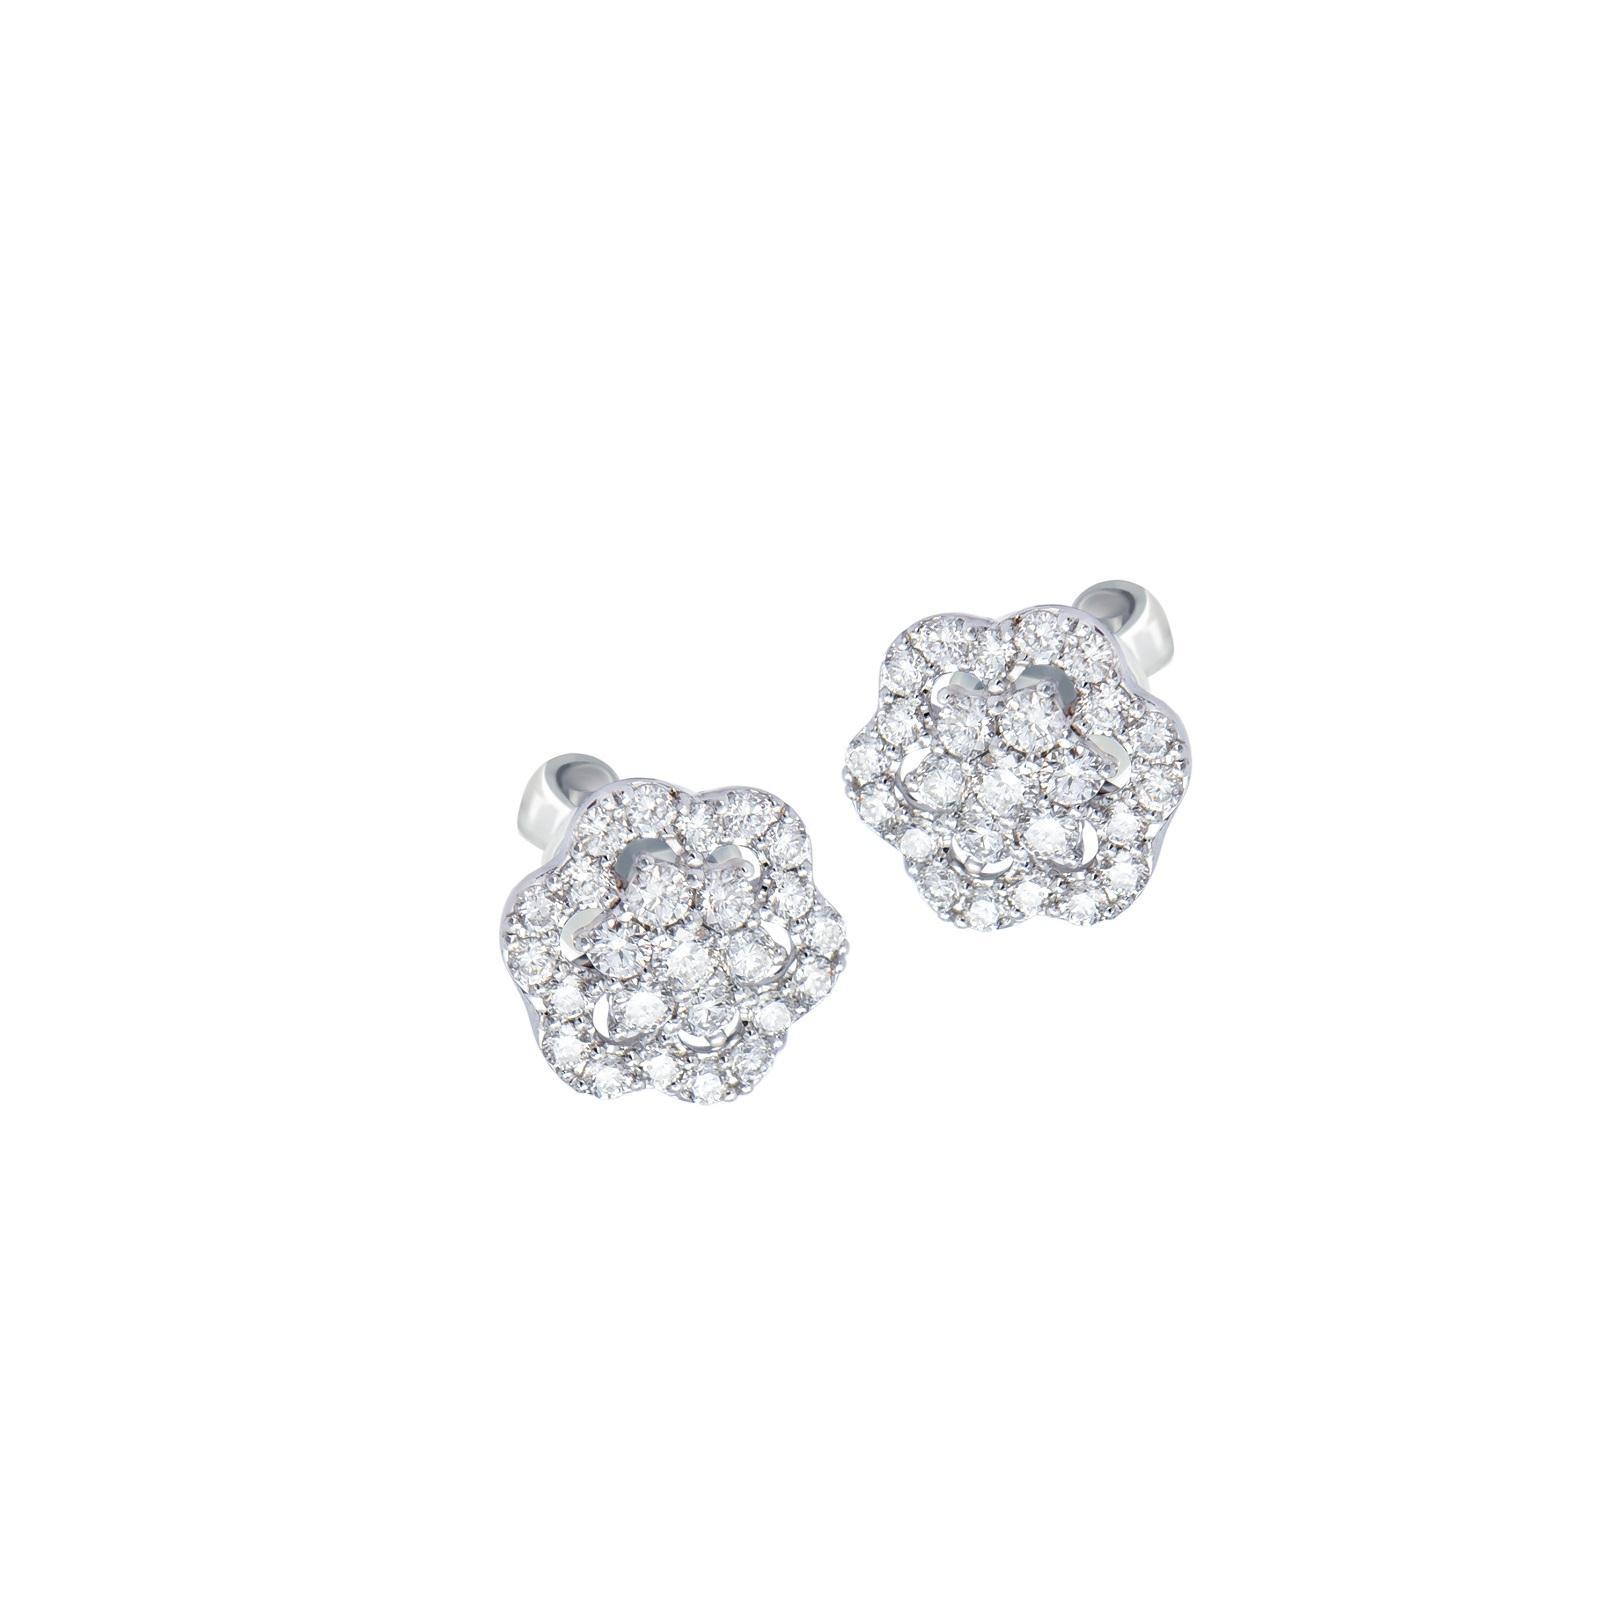 Bông tai đá Kim cương 20B179.1TH